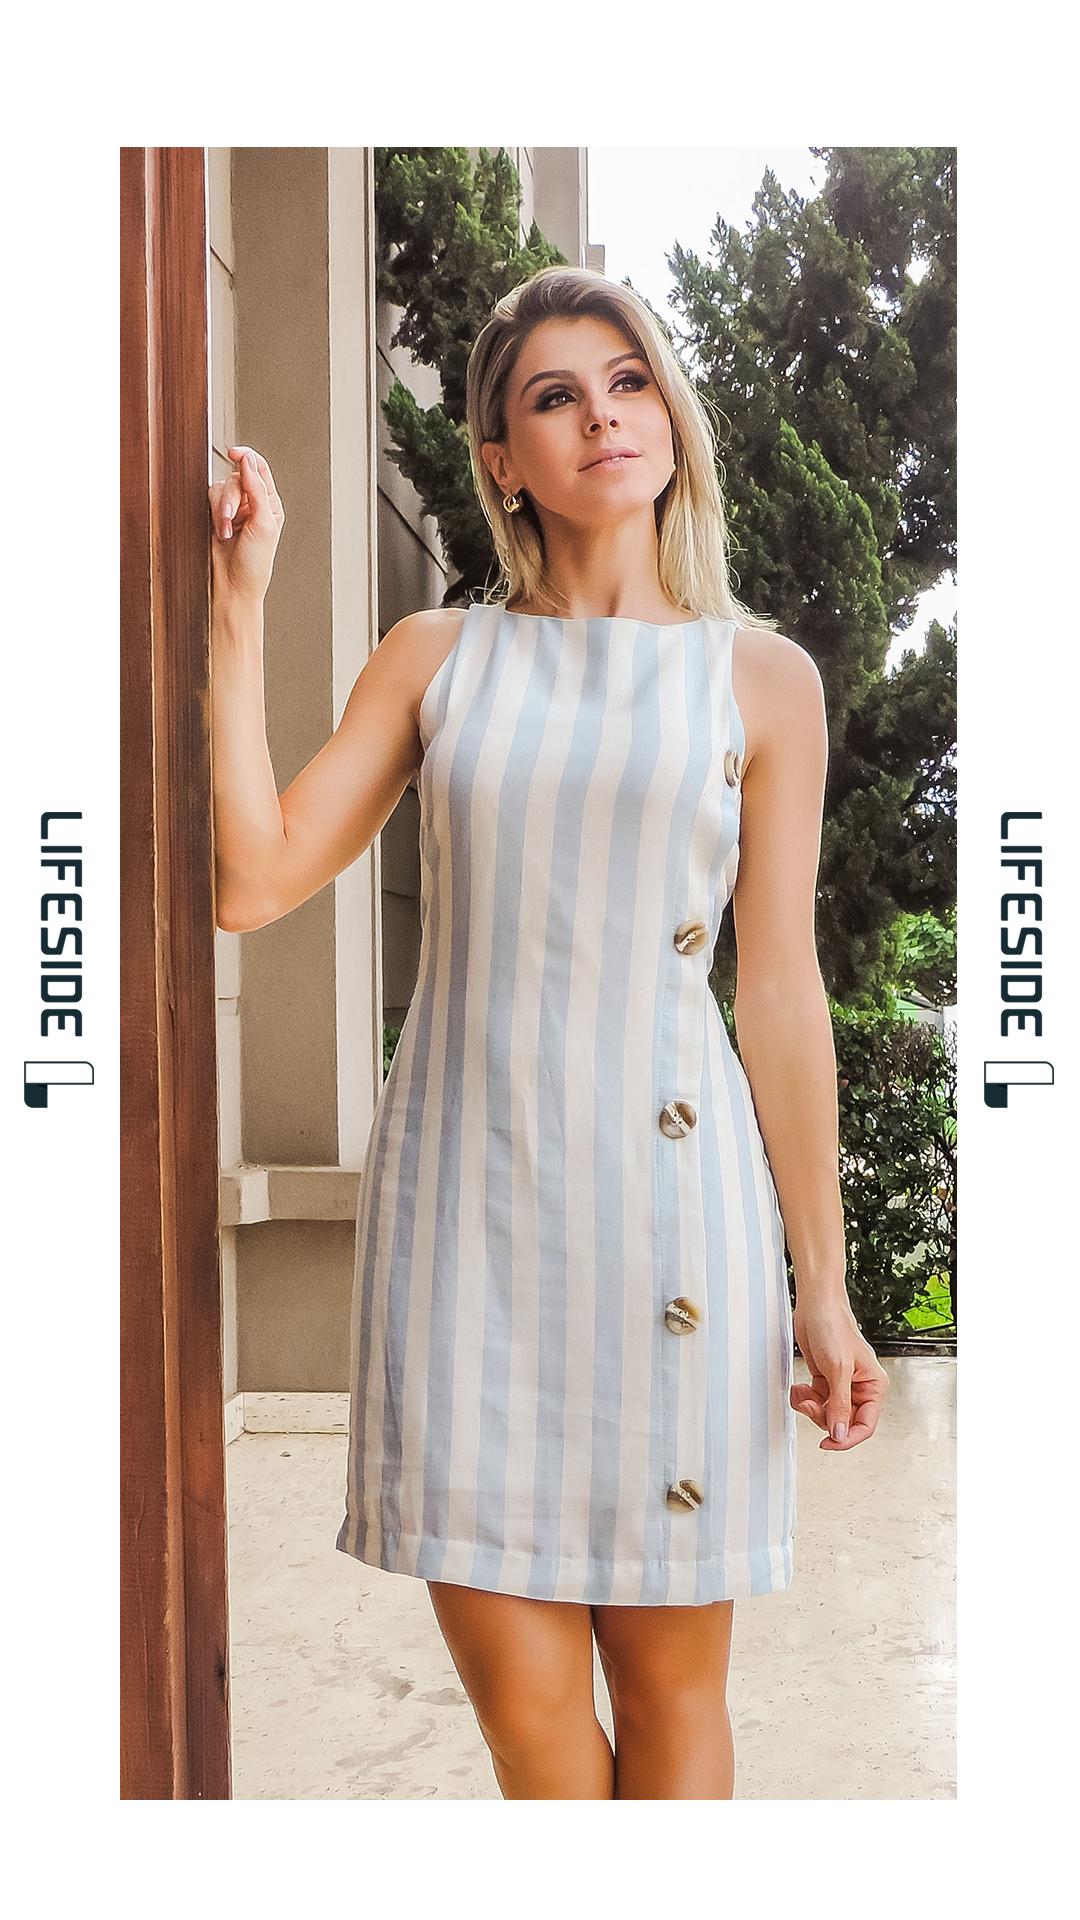 96de77ed2 LIFESIDE | Moda Feminina Primavera 2019. Vestido em linho listrado. Detalhe  dos botões tartaruga